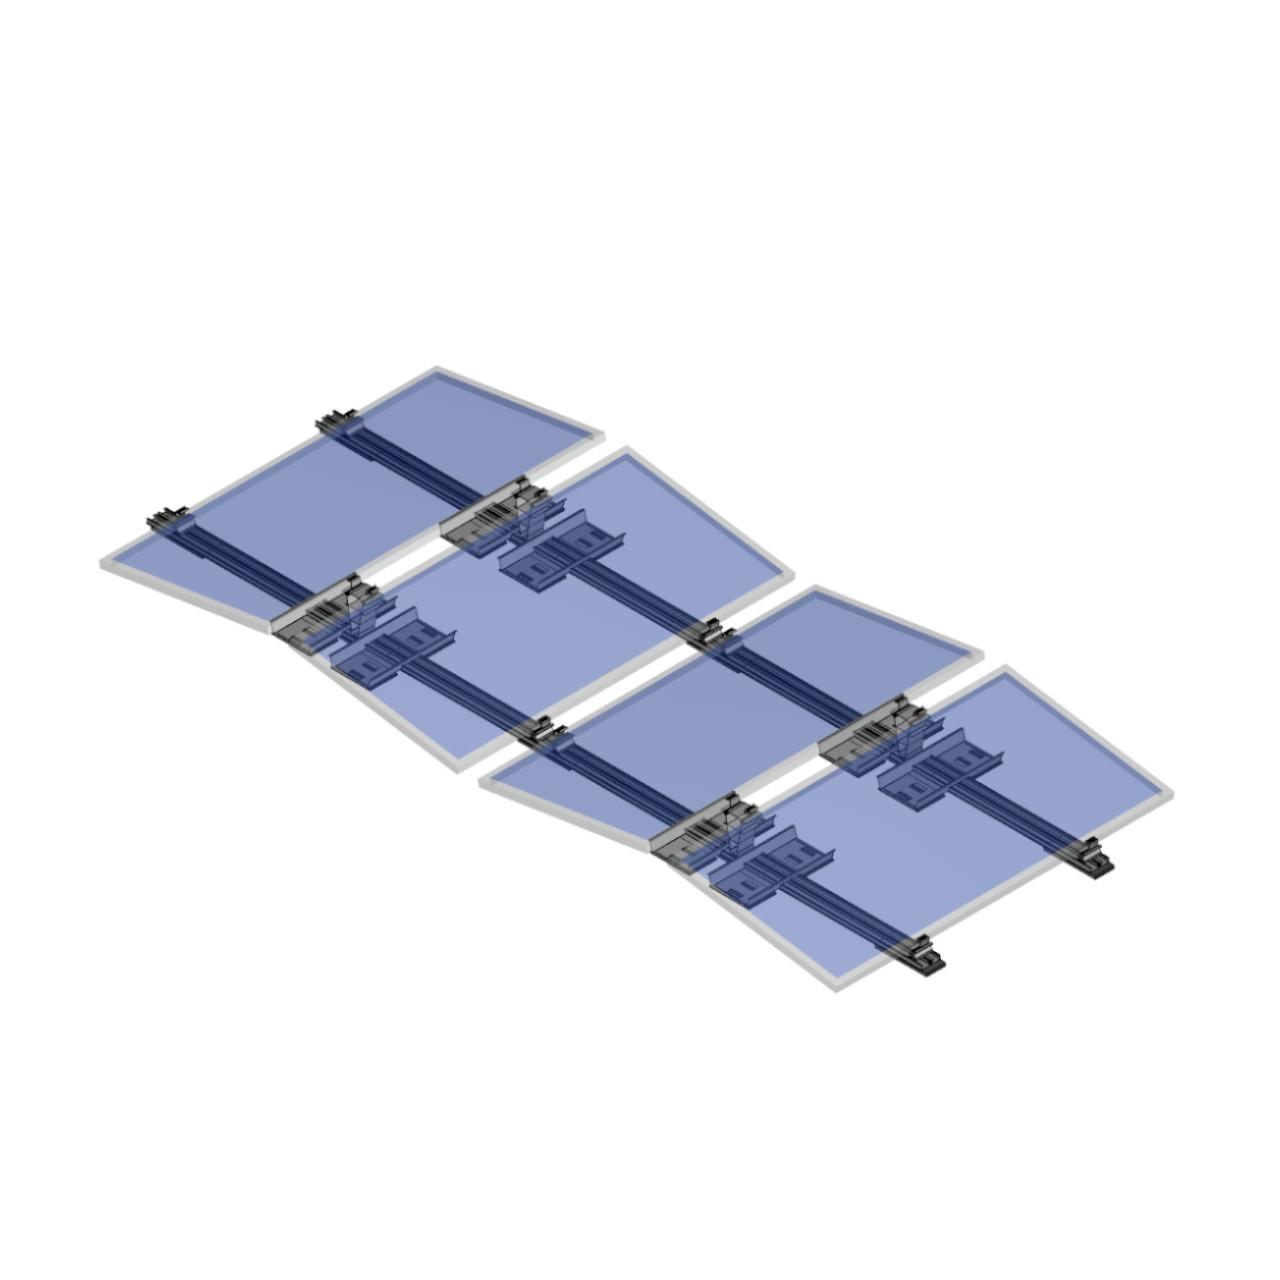 FixGrid10Plus - East-West - Transparent Panels